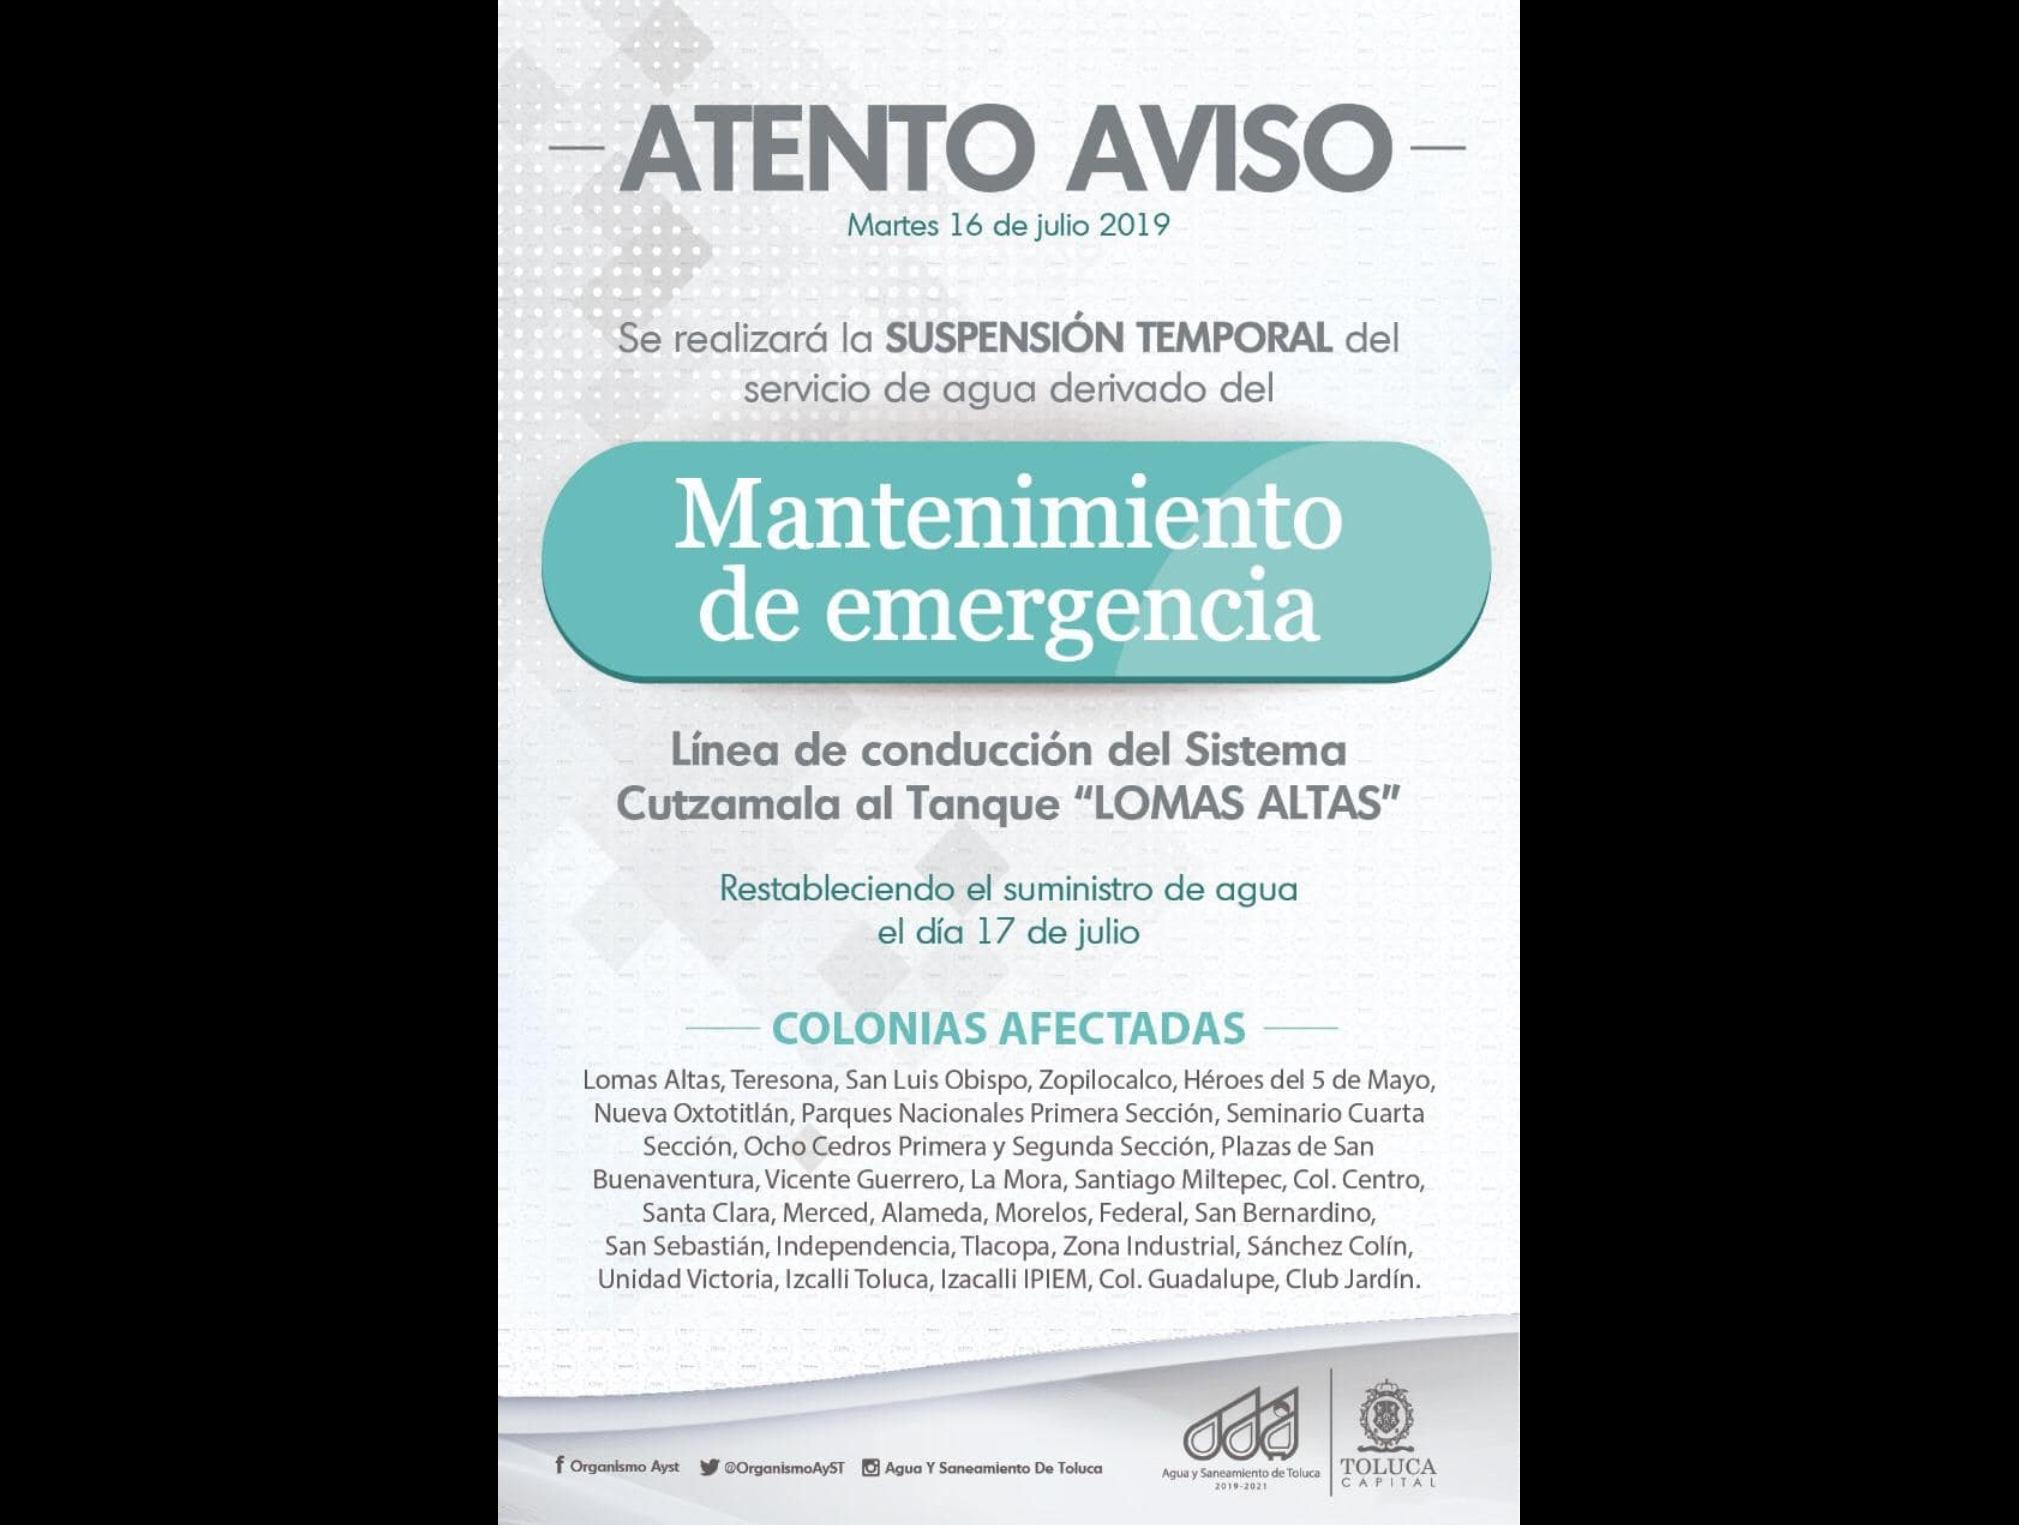 Sin agua 30 colonias de Toluca por mantenimiento de emergencia